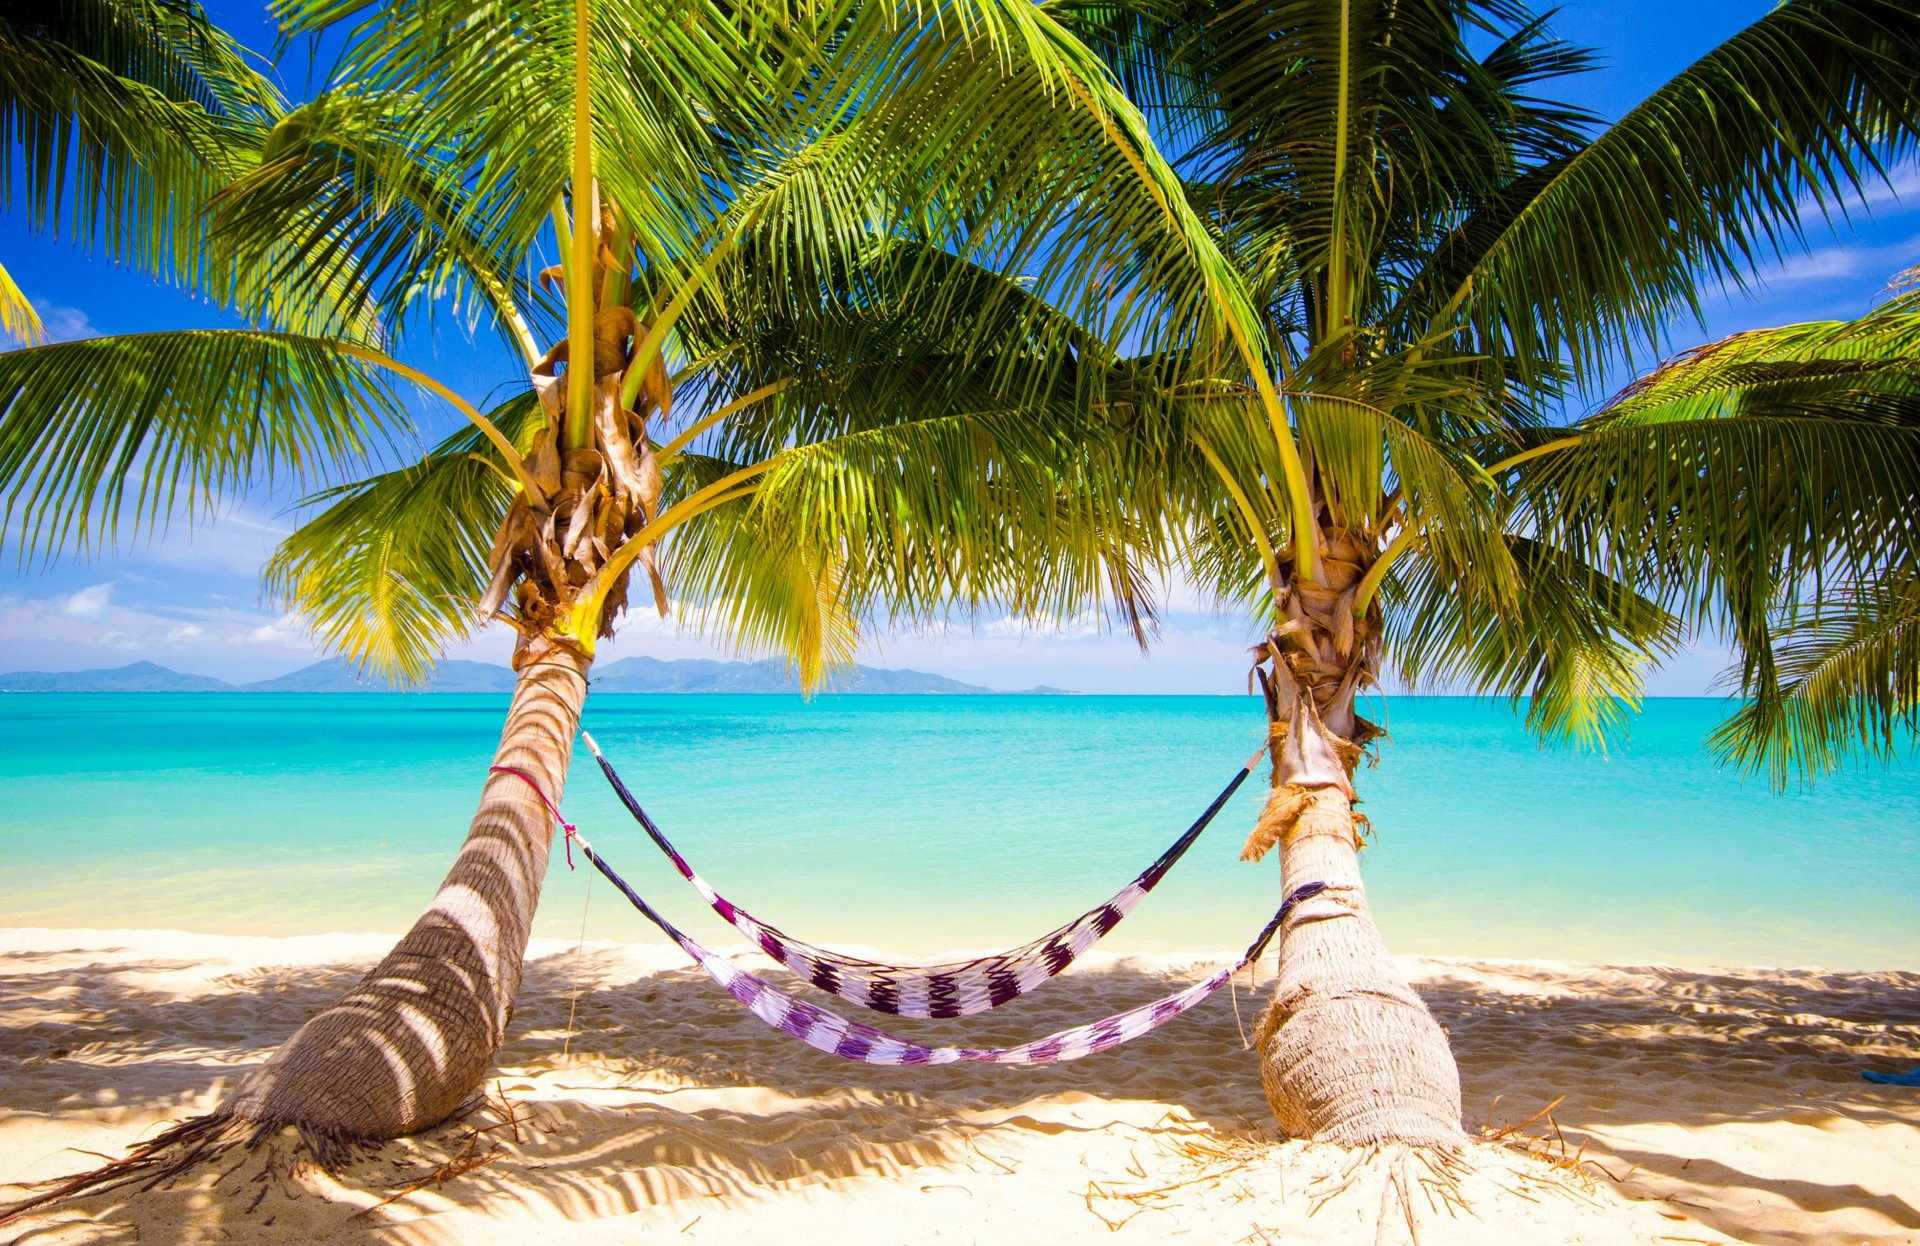 берег пальма море солнце пляж  № 3779858 загрузить